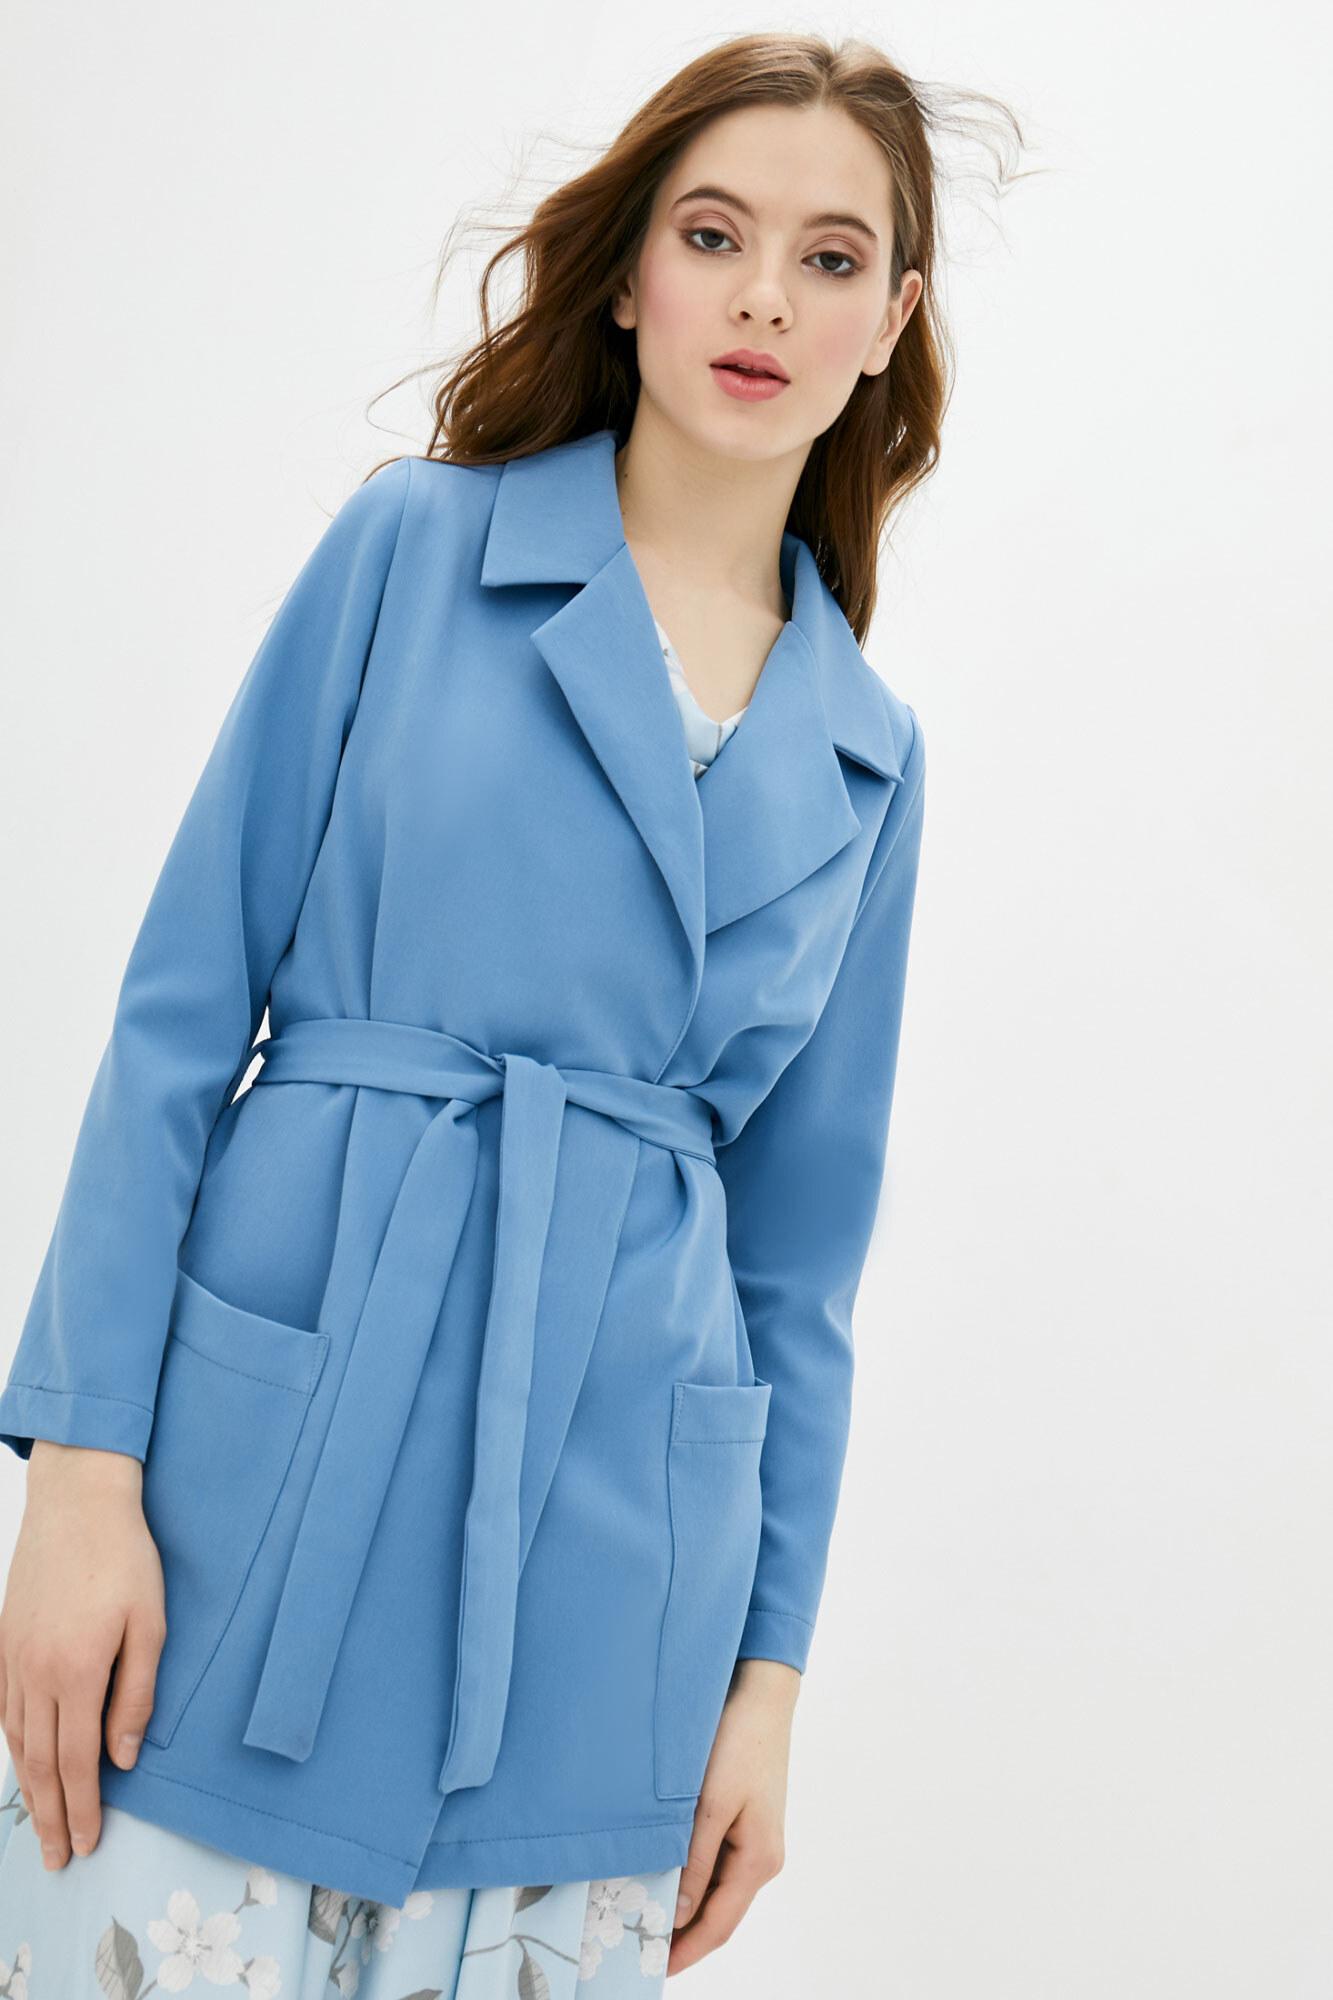 Длинный пиджак без застежек голубого цвета GEN